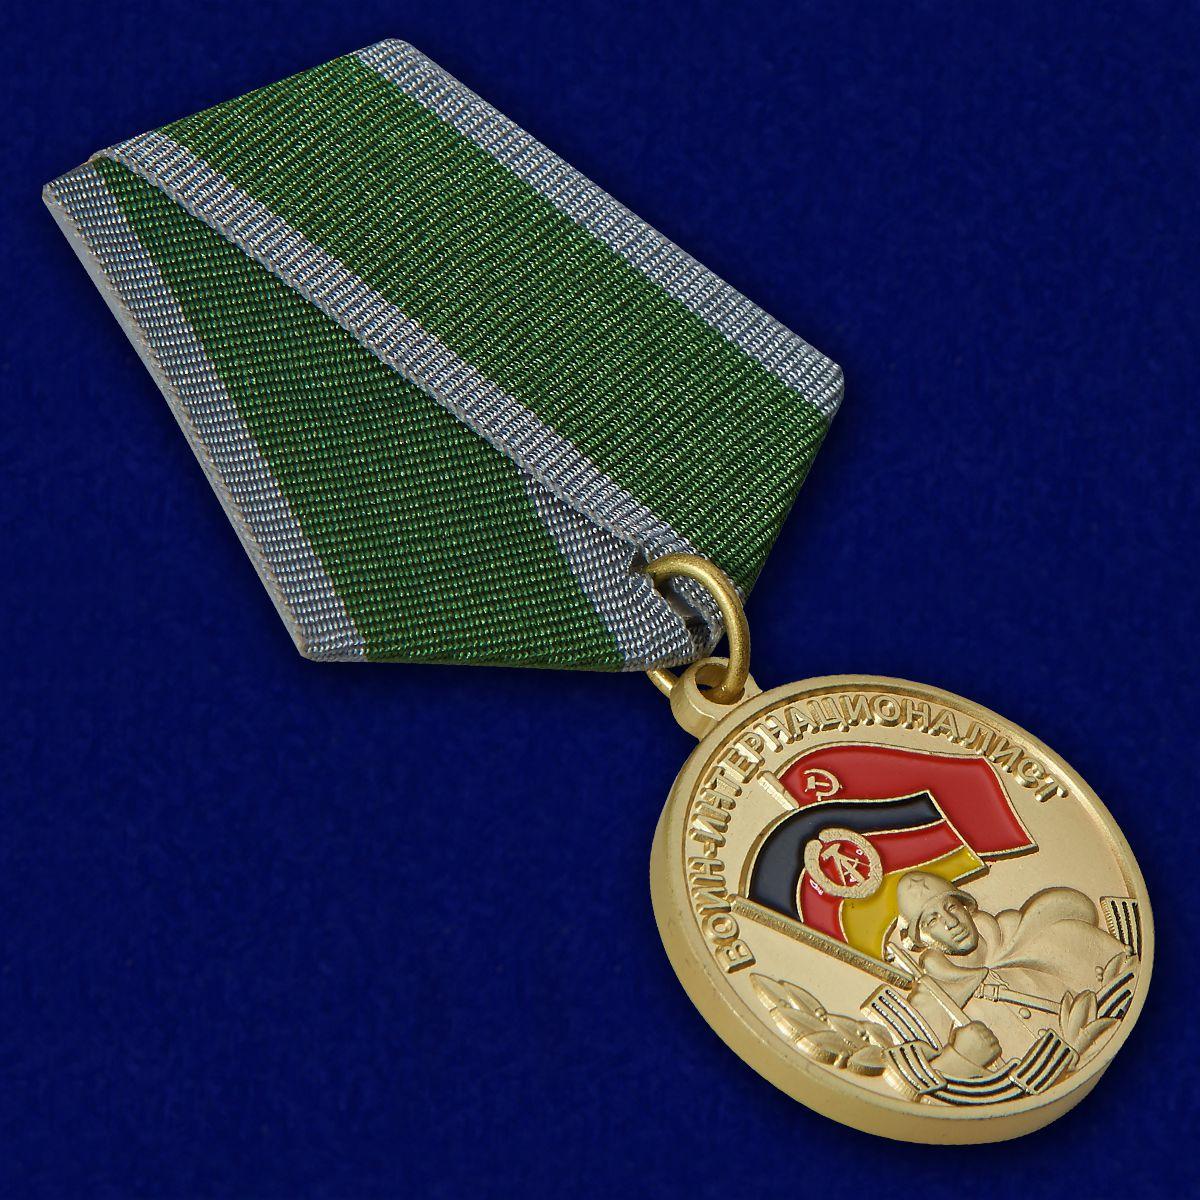 Купить медаль Воин-интернационалист (За выполнения интернационального долга в Германии)